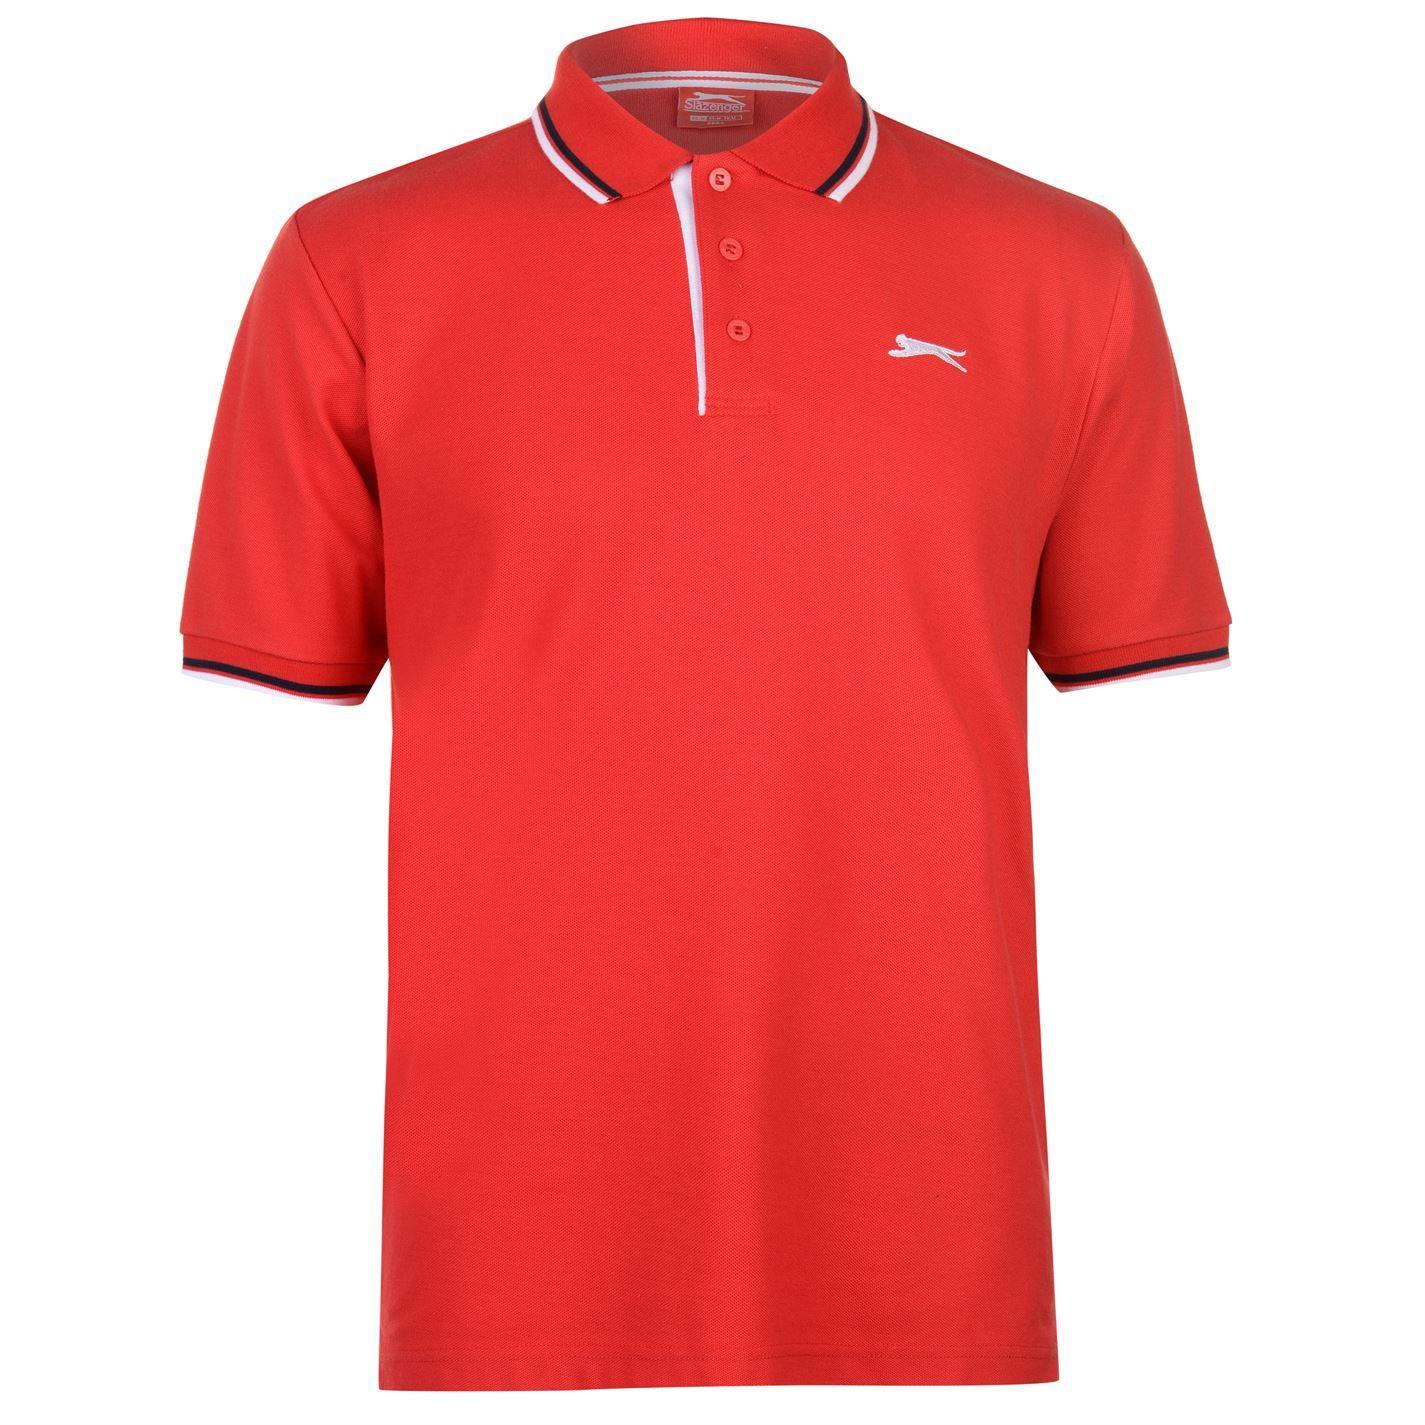 Slazenger-Polo-Camisa-de-hombre-con-cuello-con-Punta-T-Shirt-Top-Camiseta-Tee miniatura 30